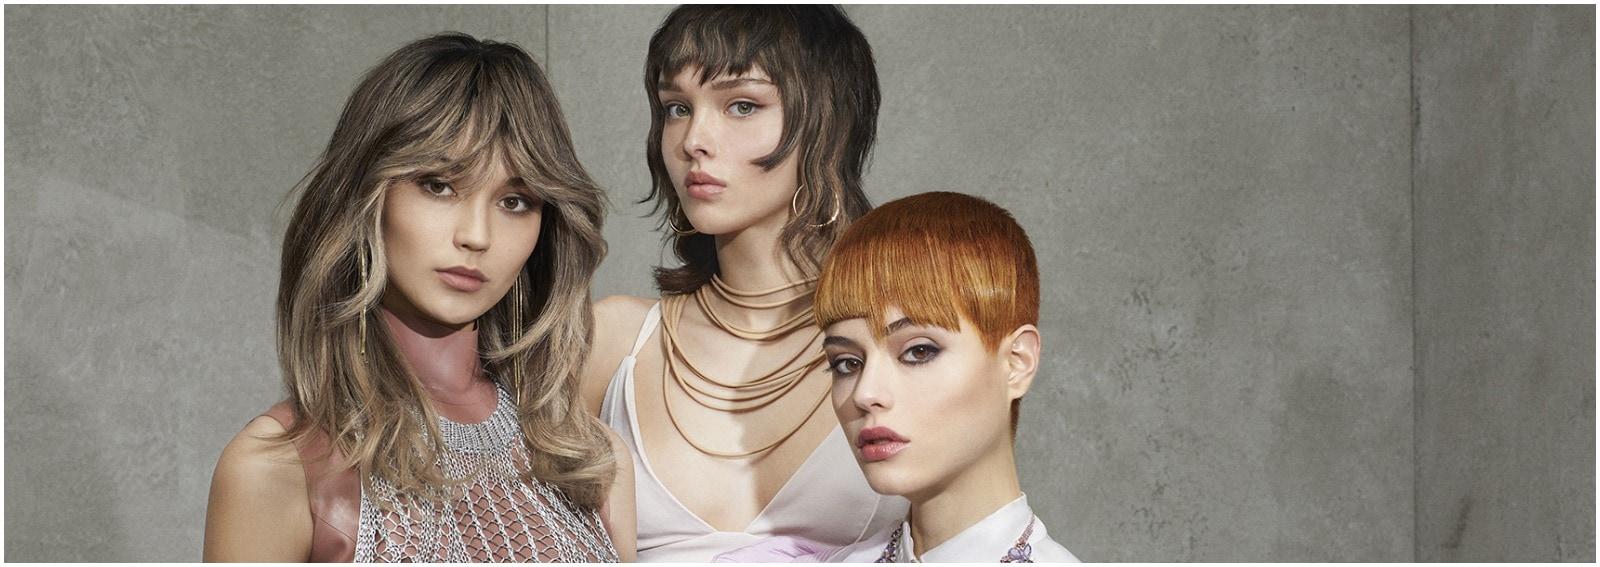 Tendenze-colore-capelli-primavera-estate-cover desktop